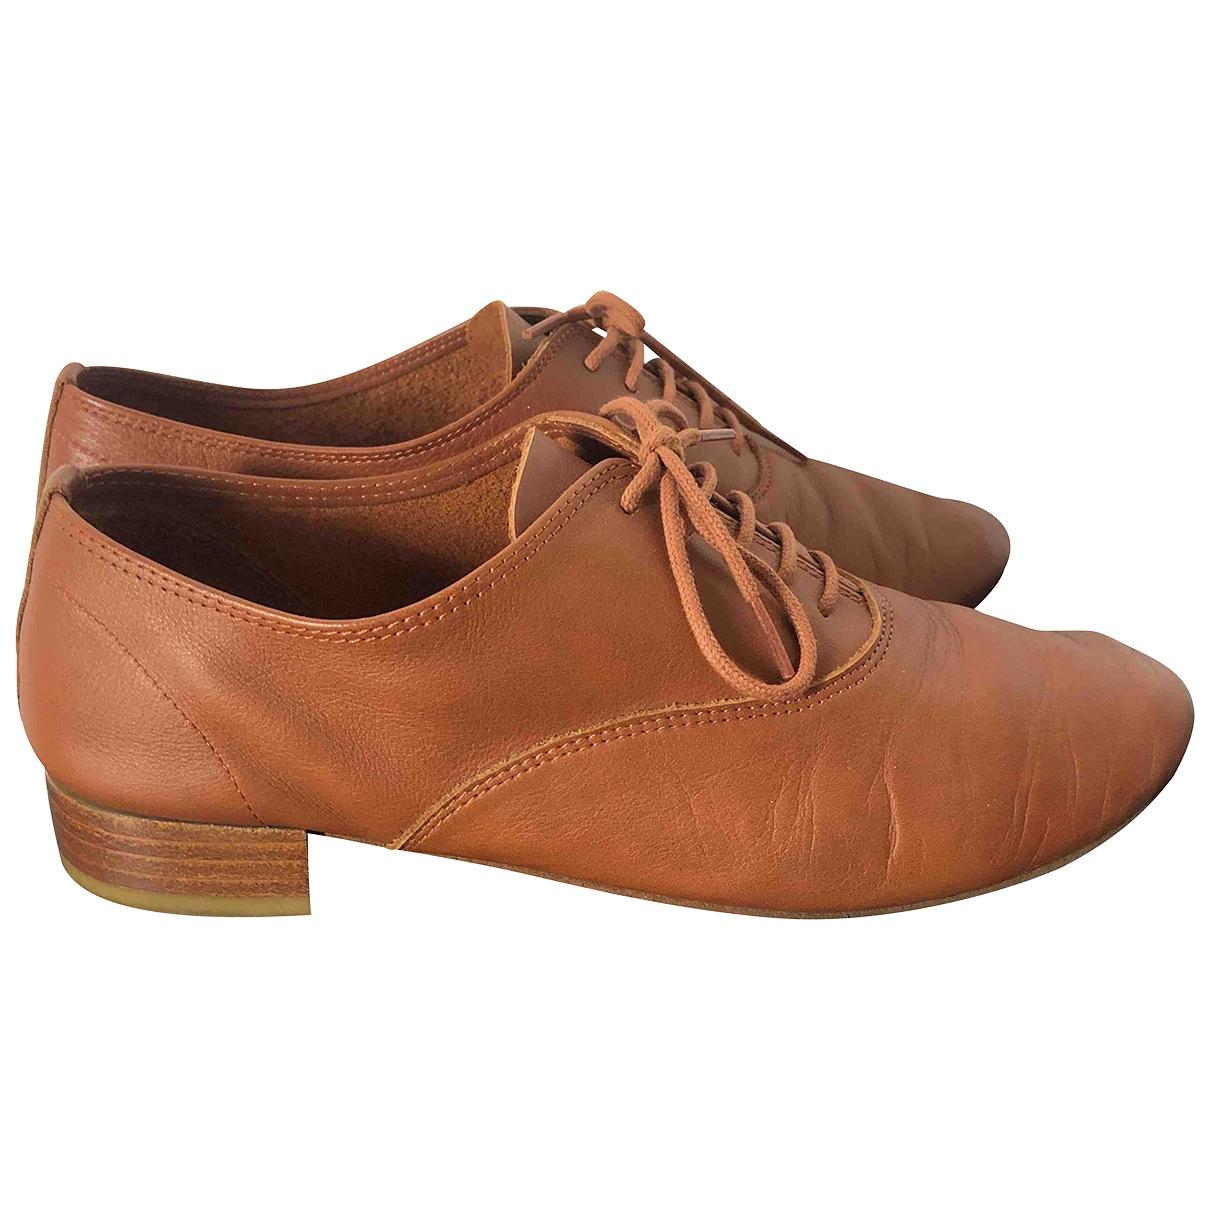 Repetto - Derbies   pour femme en cuir - marron